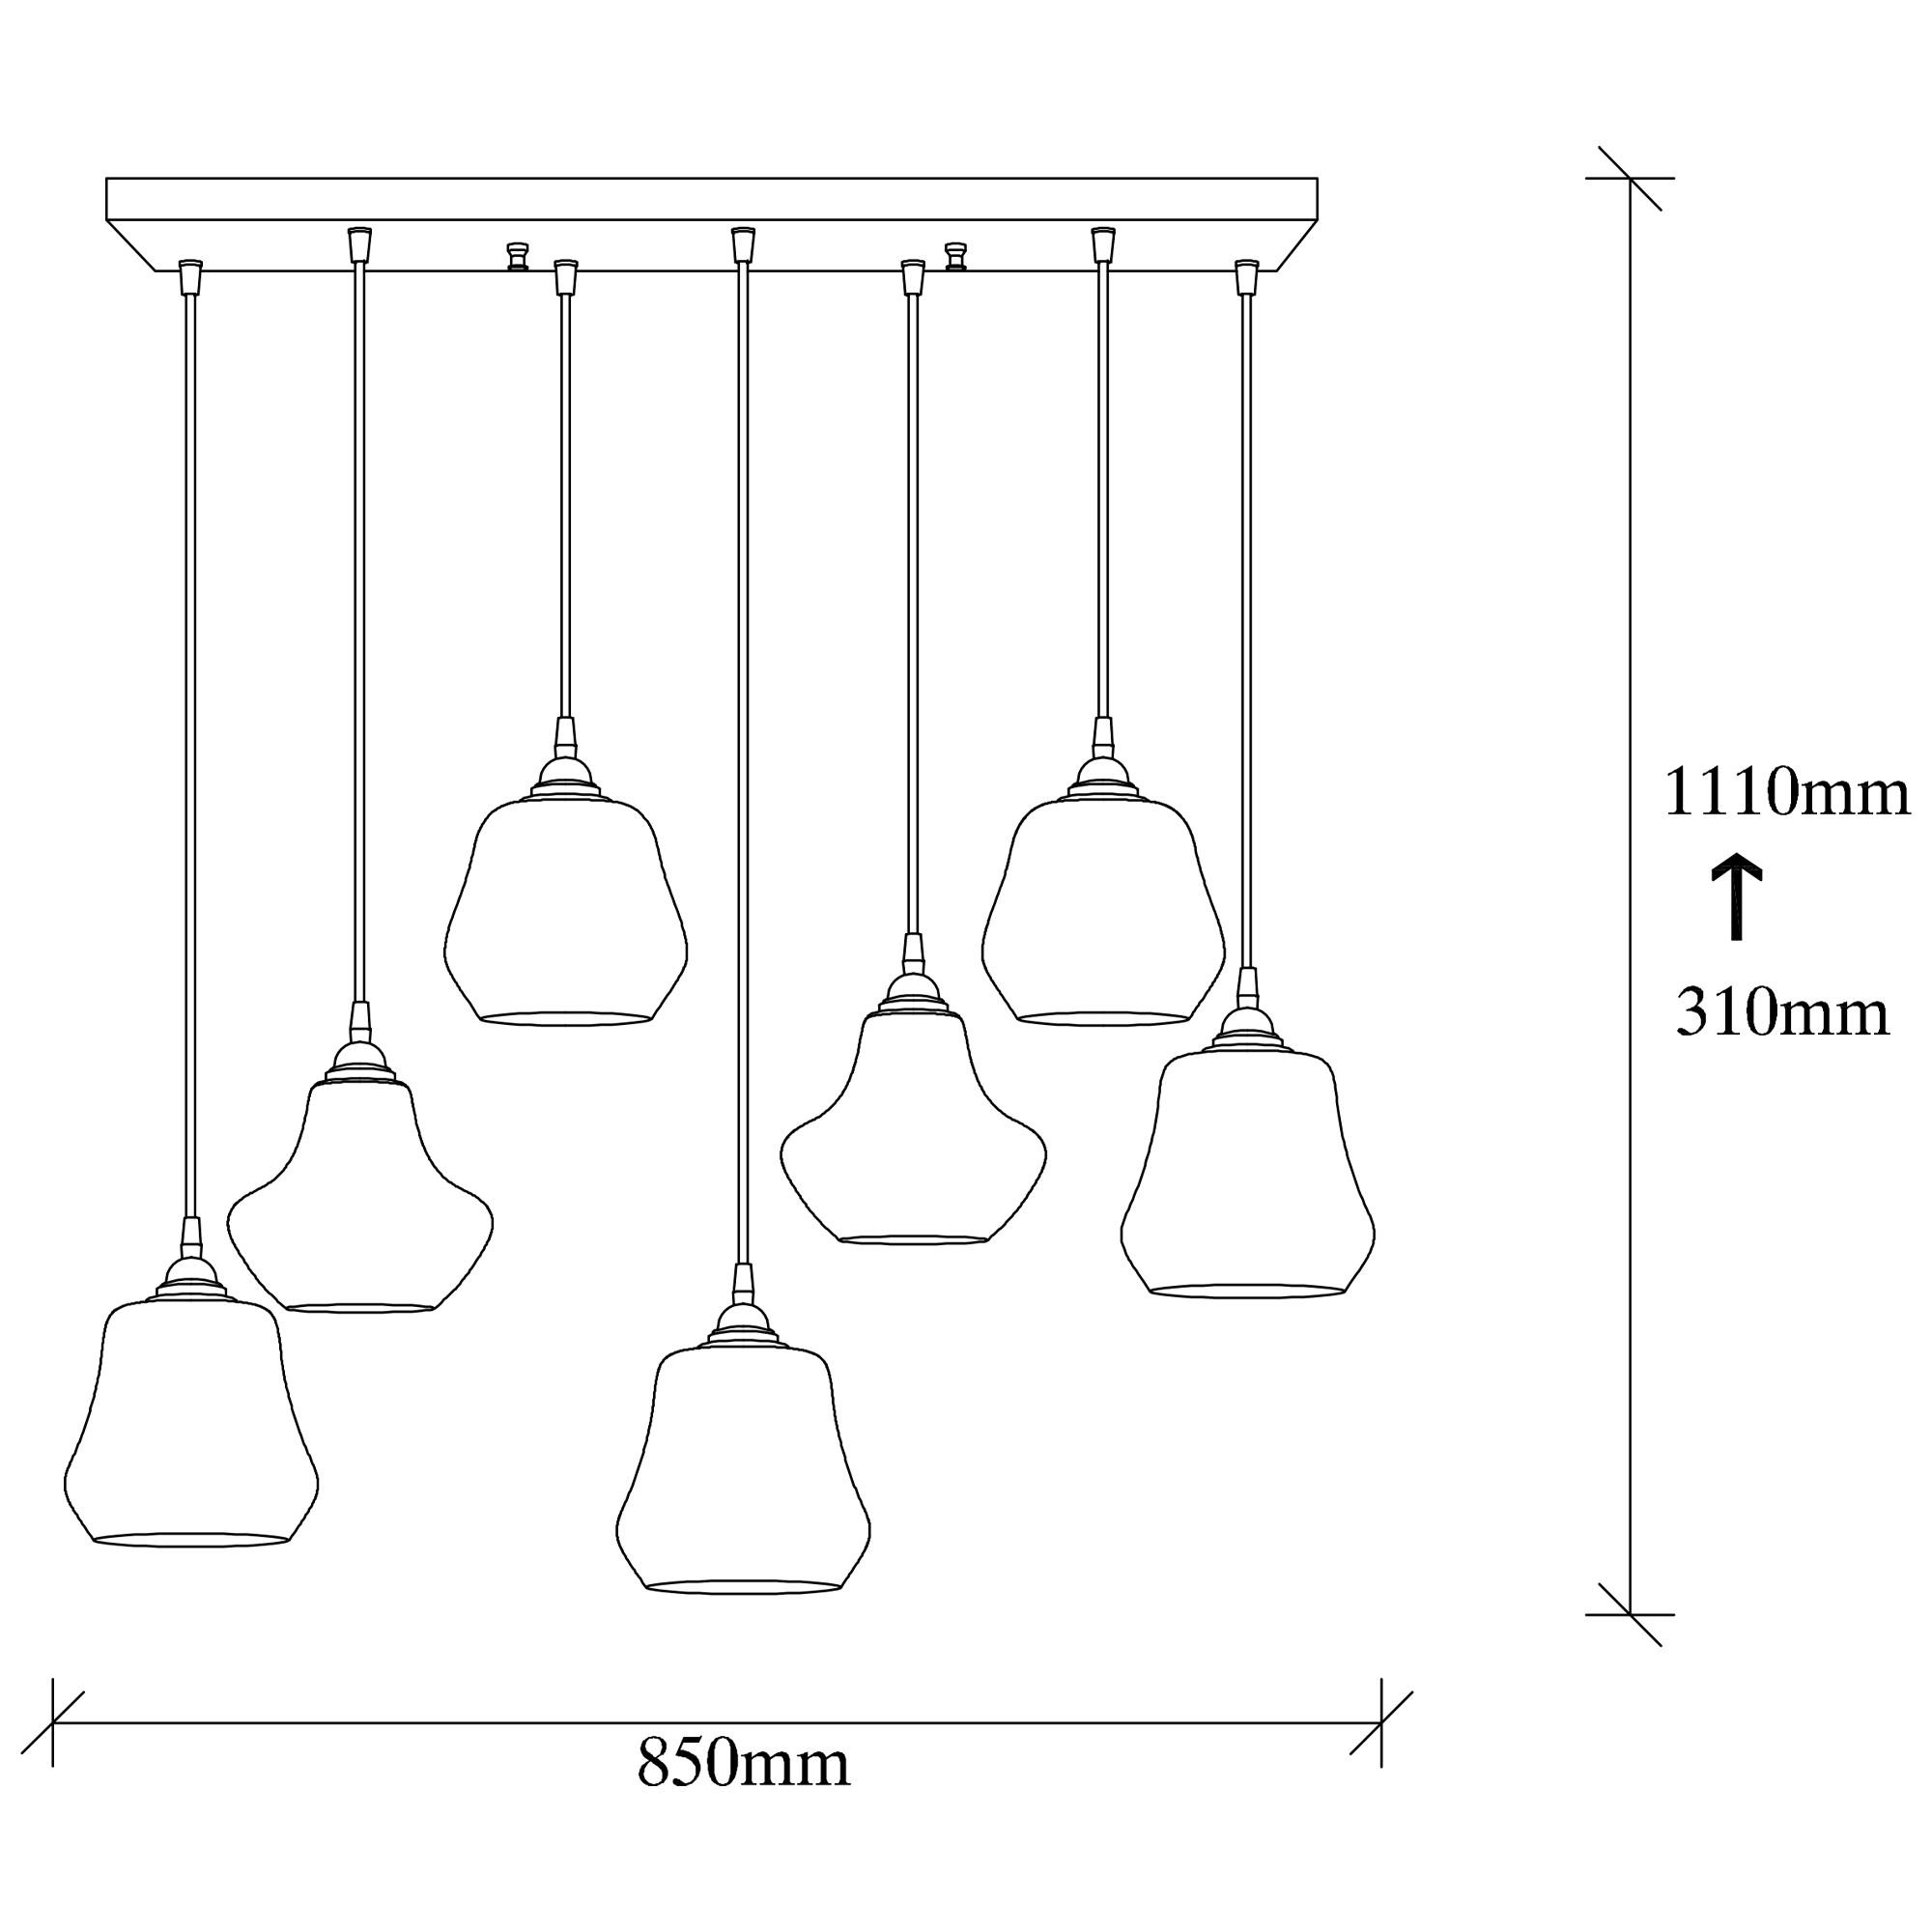 Hanglamp langwerpig modern, gouden glas E27 fitting 7 x - afmetingen